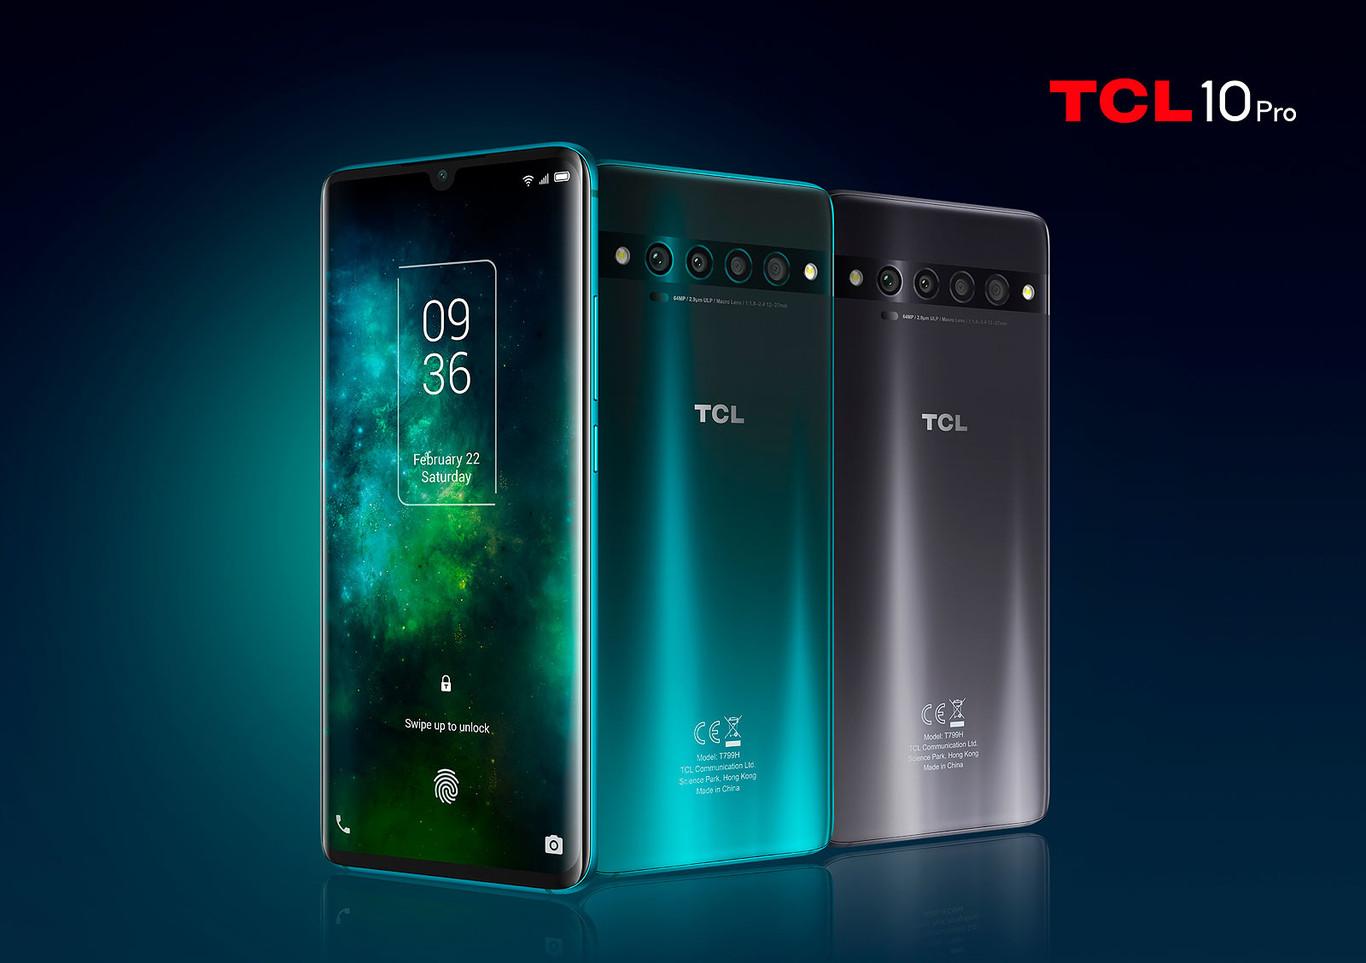 1619096774 128 Un excellent milieu de gamme propose TCL 10 Pro a